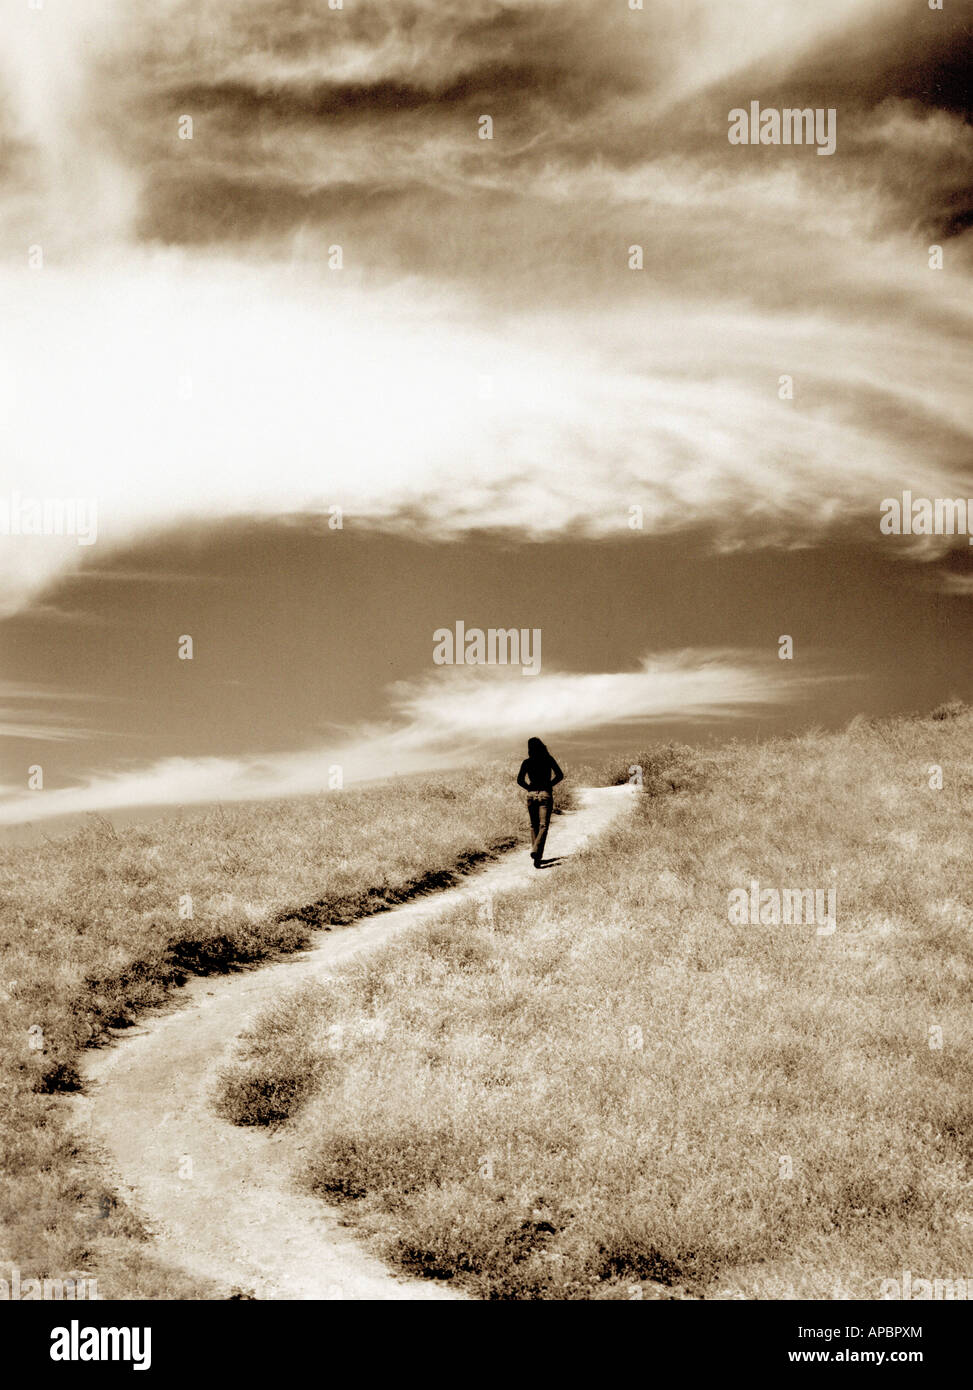 Frau geht Weg unterwegs gewundenen Pfad Kurve weniger befahrenen Reise schwarz und weiß Stockbild